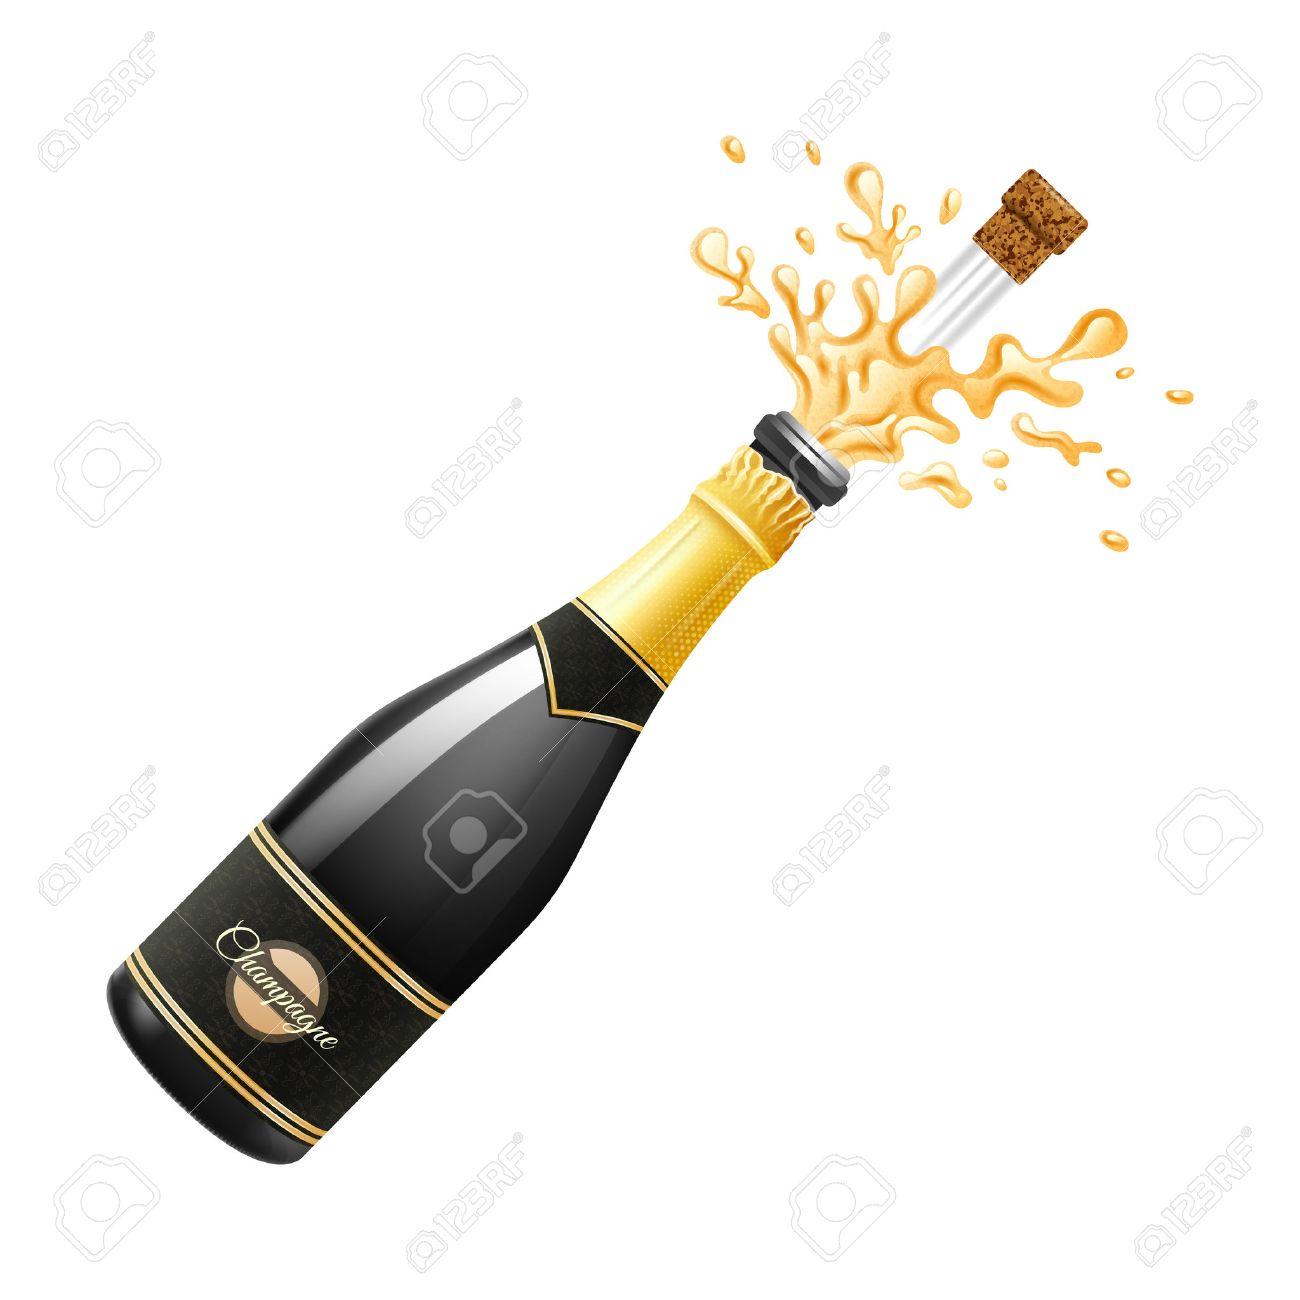 Noir Explosion De Bouteille De Champagne Avec Du Liege Et Les